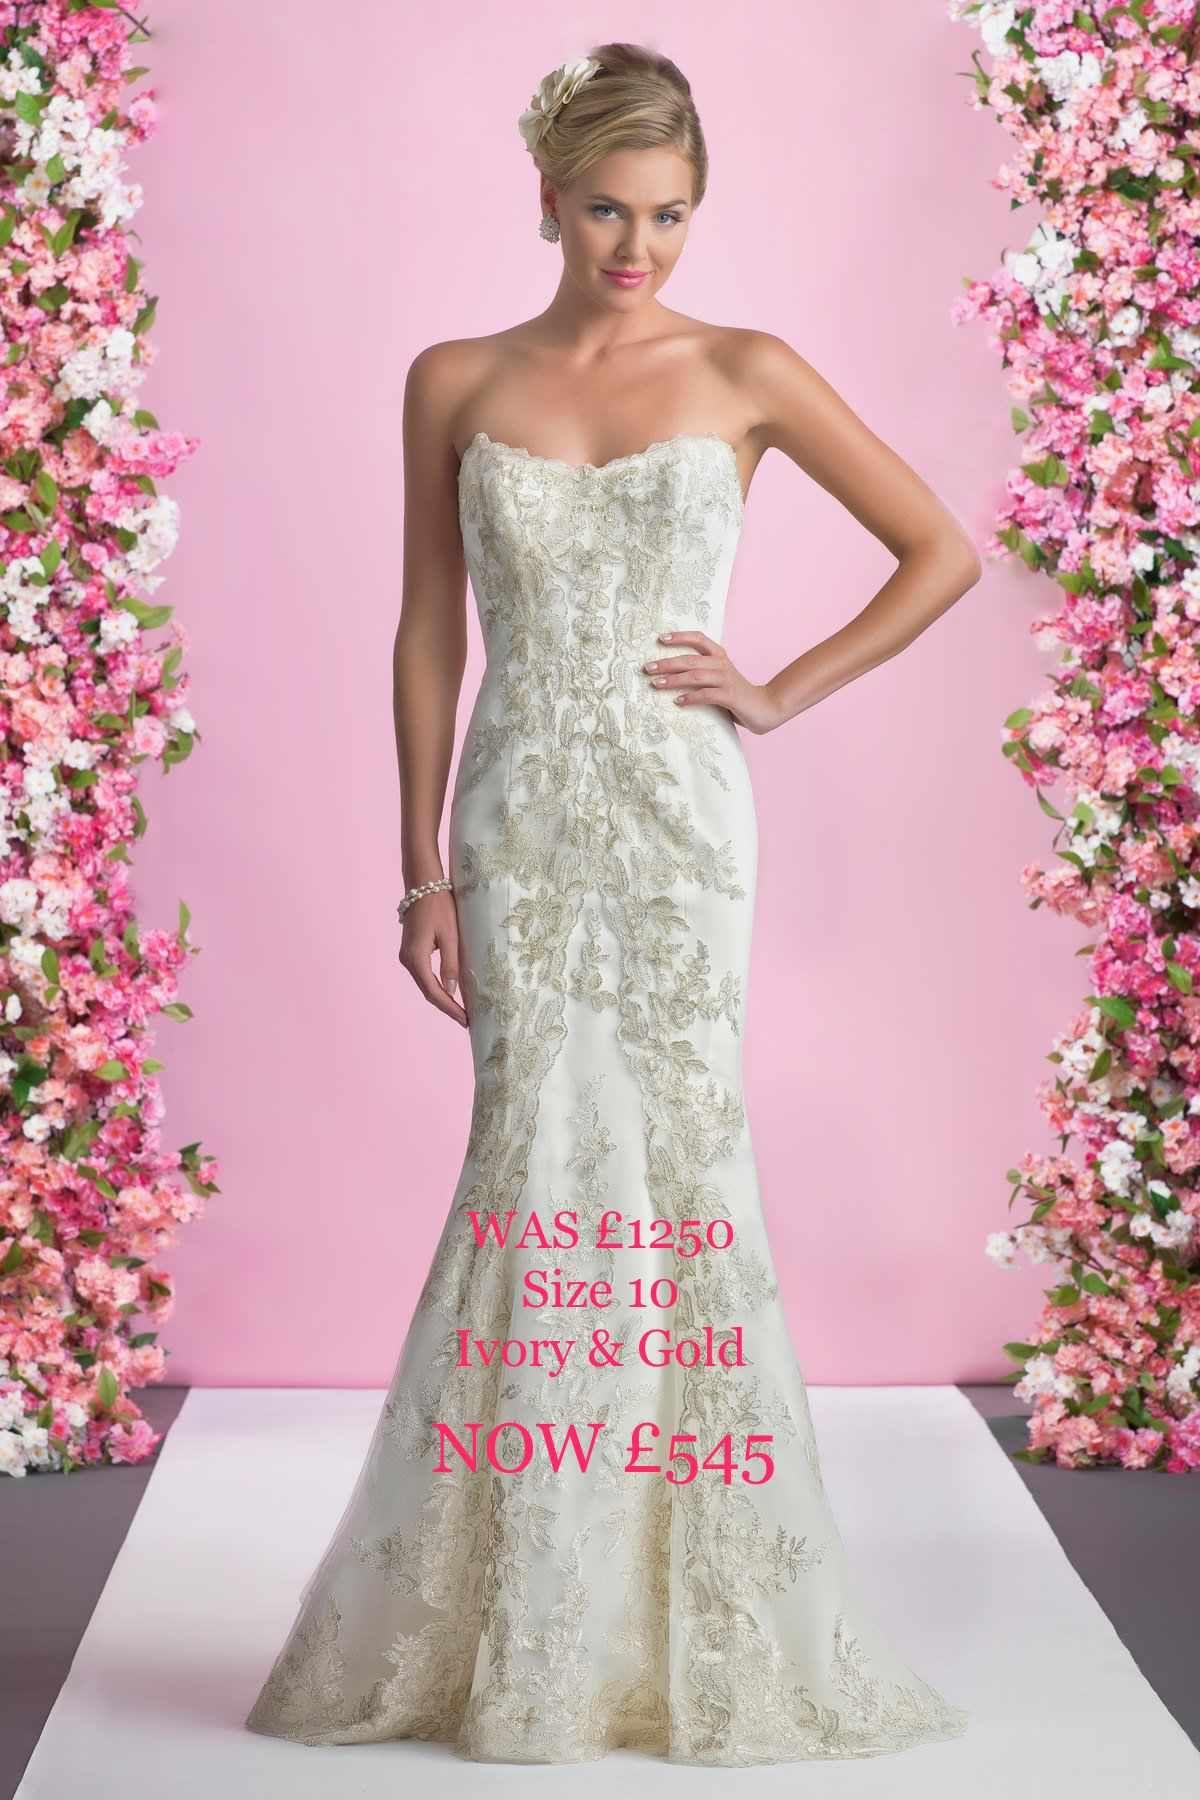 Bonito Bridesmaid Dresses Newcastle Upon Tyne Adorno - Colección del ...